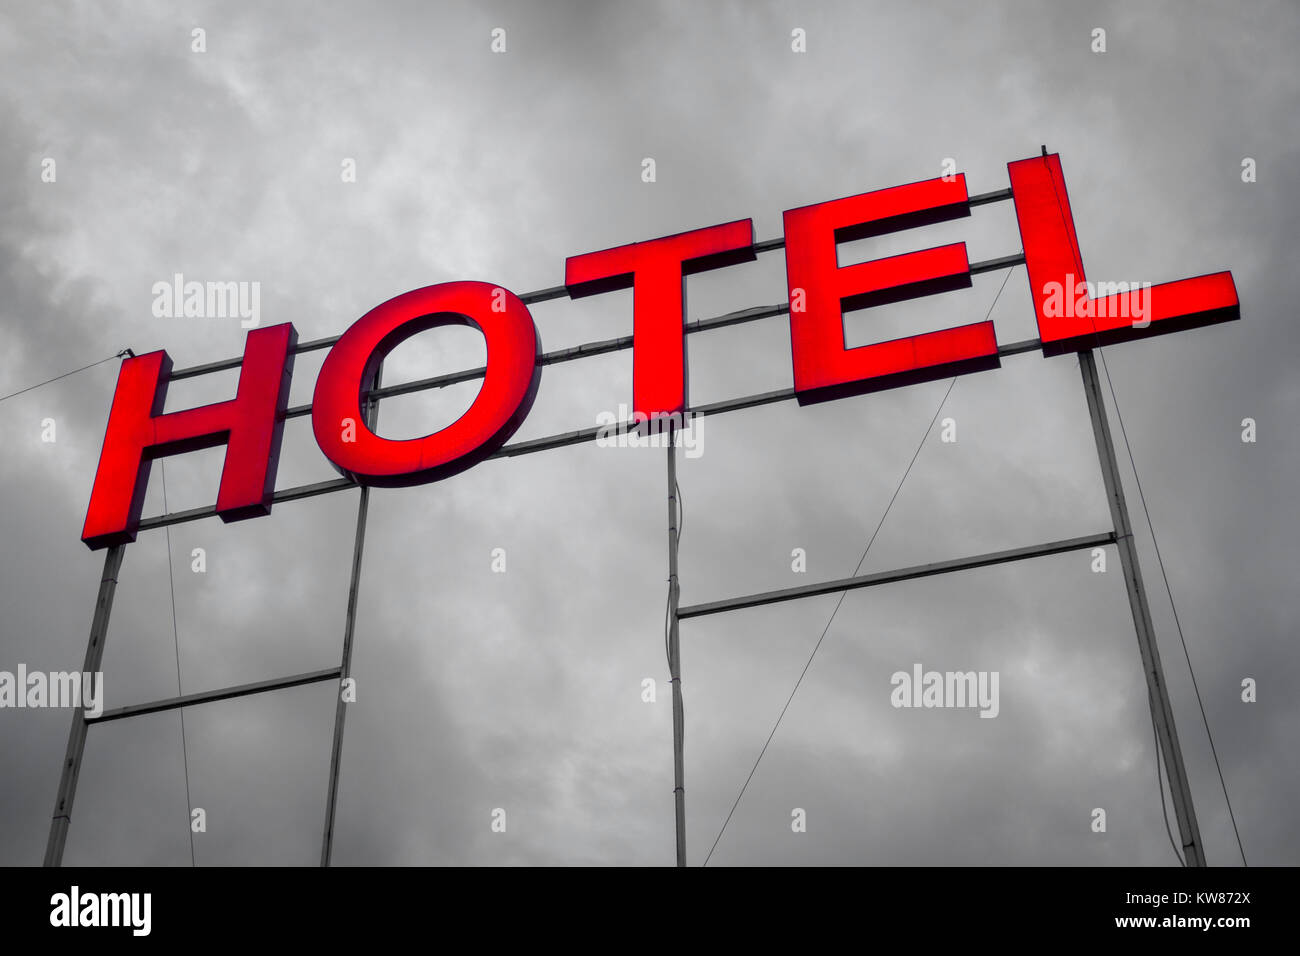 Gran hotel iluminada cartas signo contra un gris / blanco y negro B&W sky Imagen De Stock